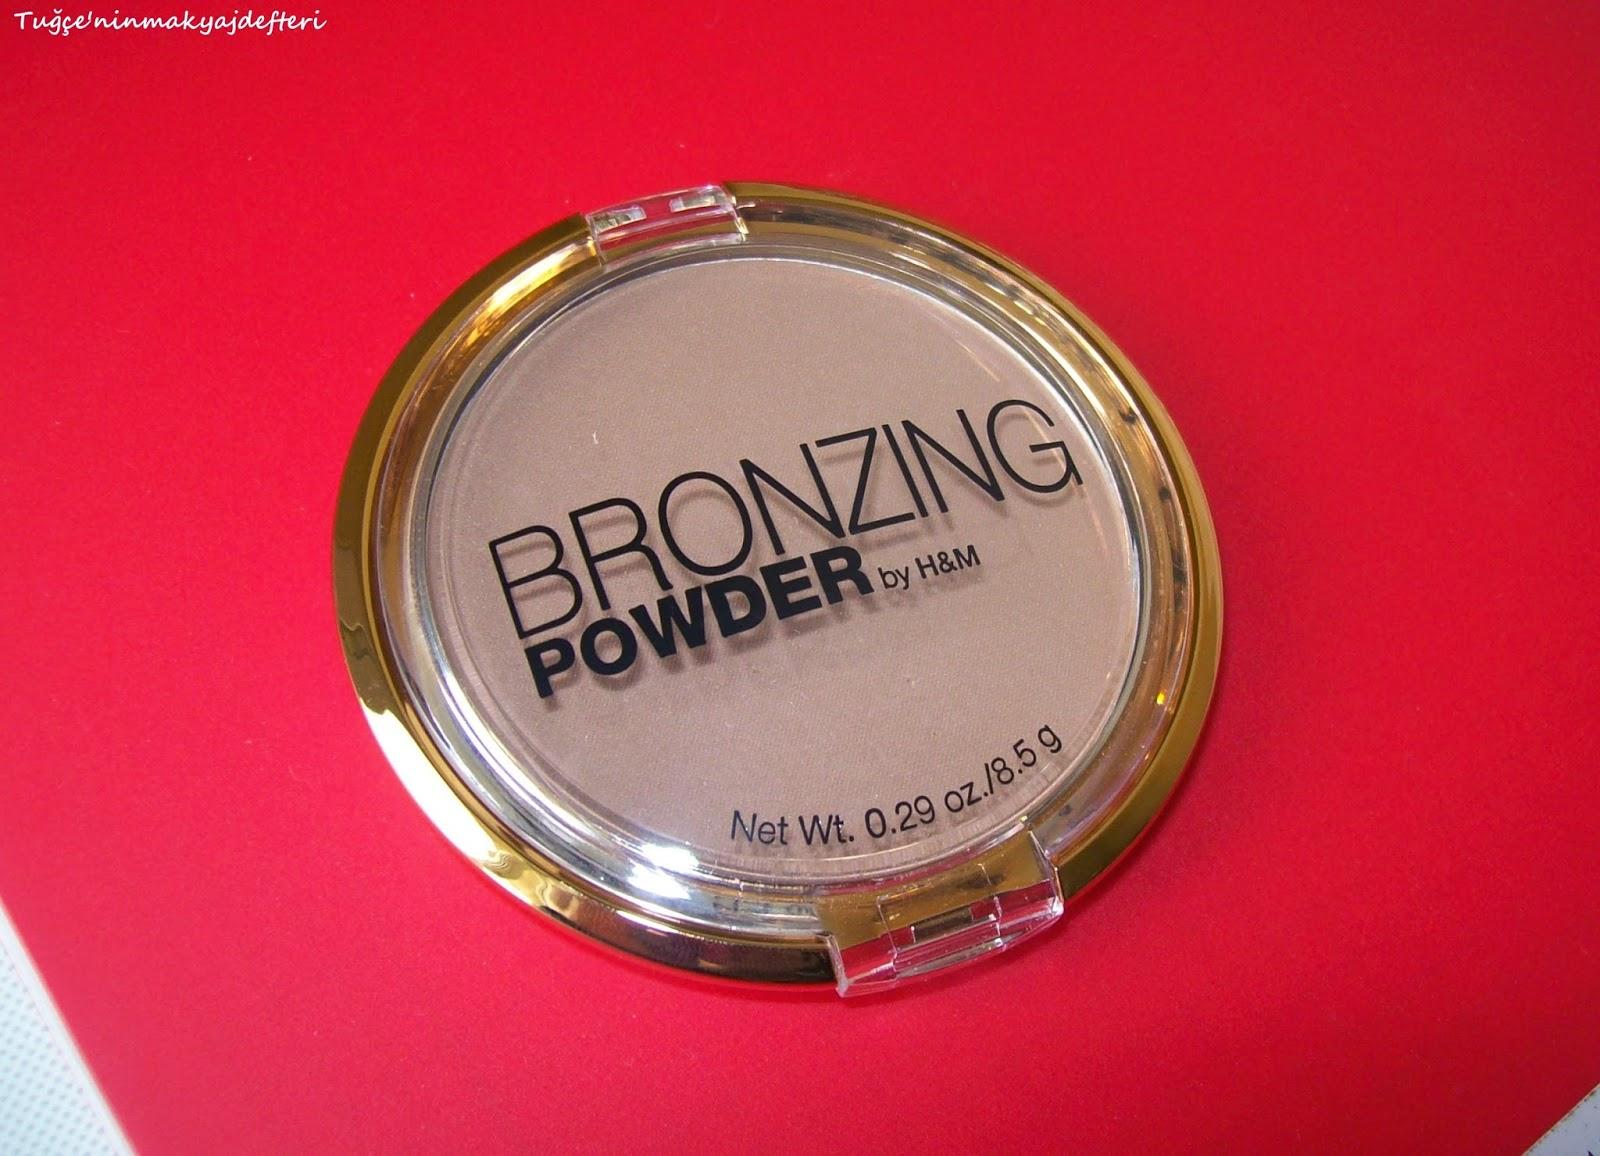 H&M bronzing powder / gorgeous tan